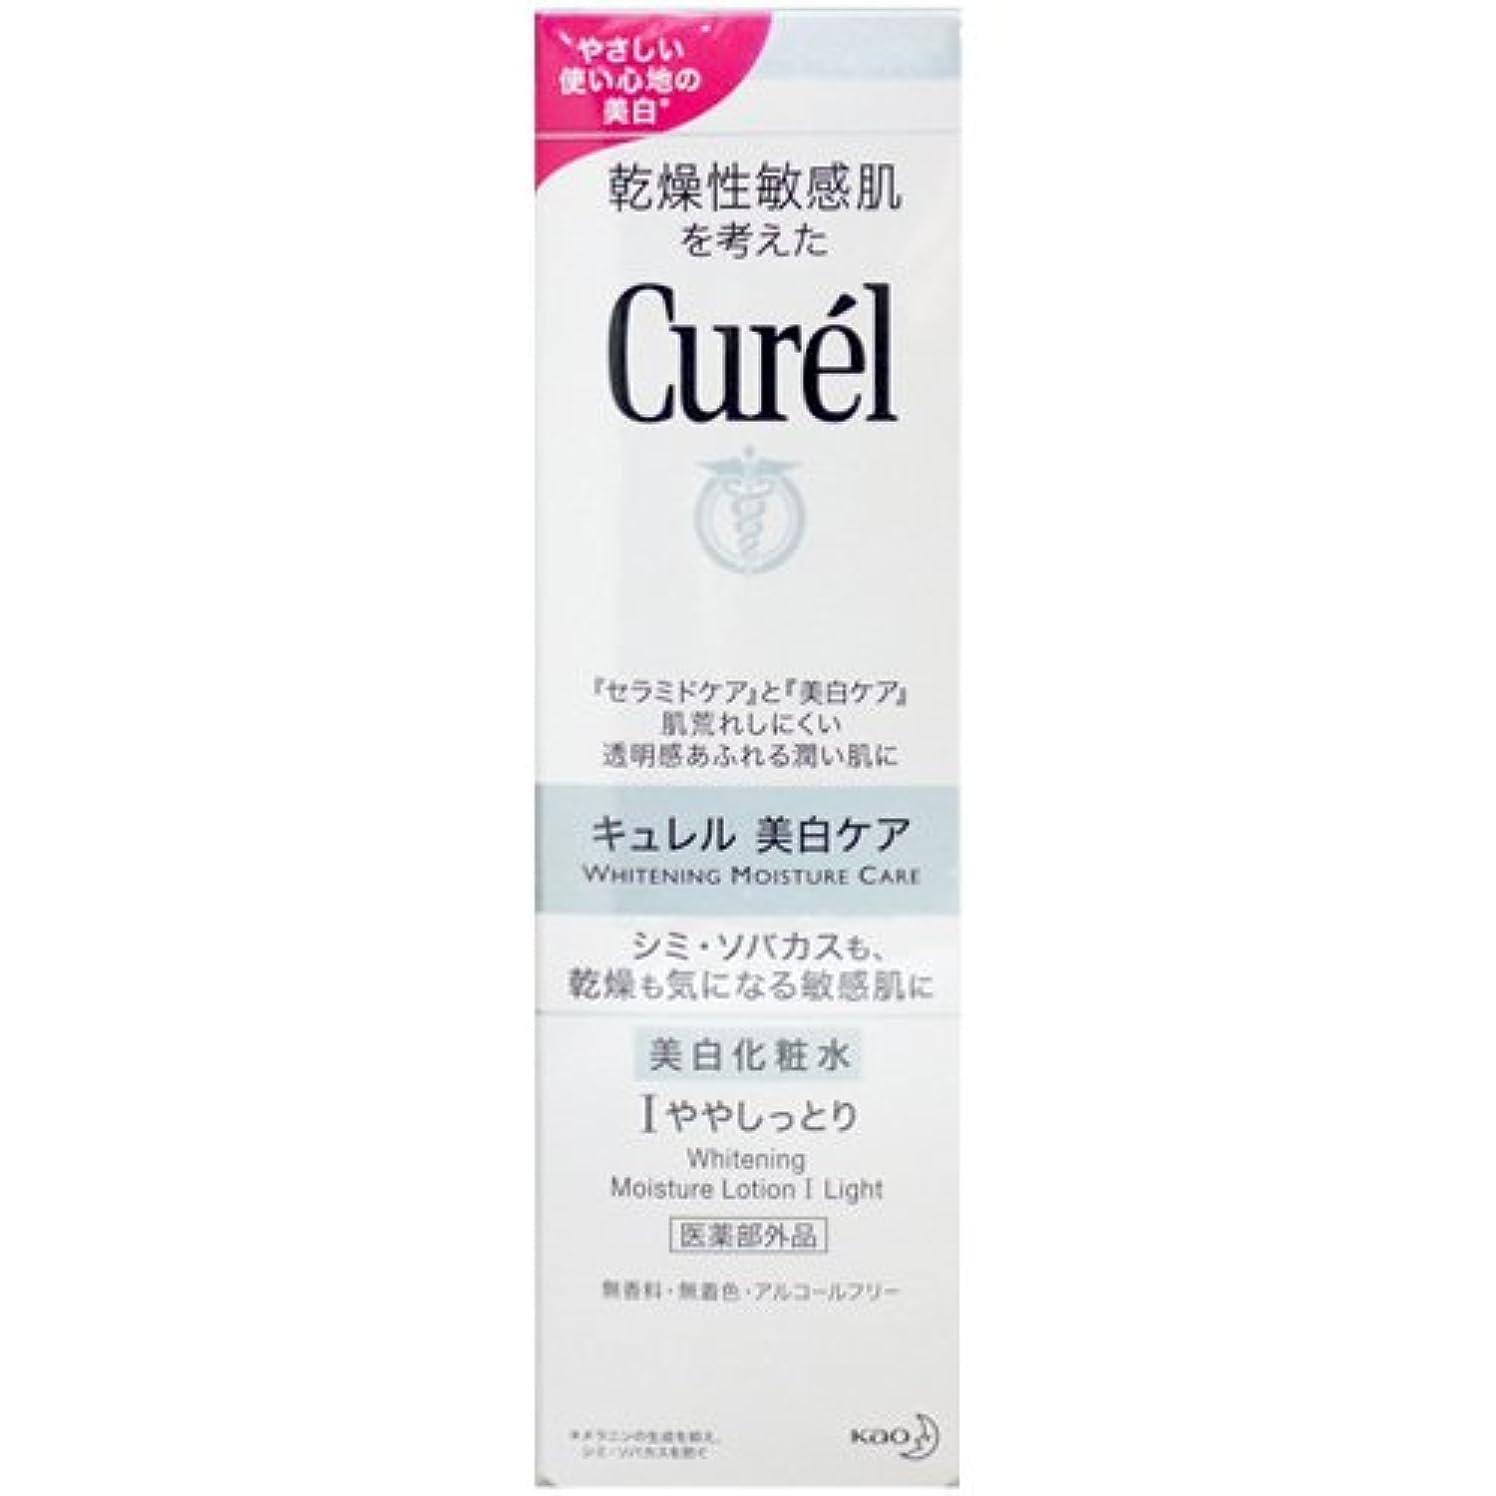 一般的な所有者シャベル花王 キュレル 美白化粧水 140mL IIしっとり (在庫)